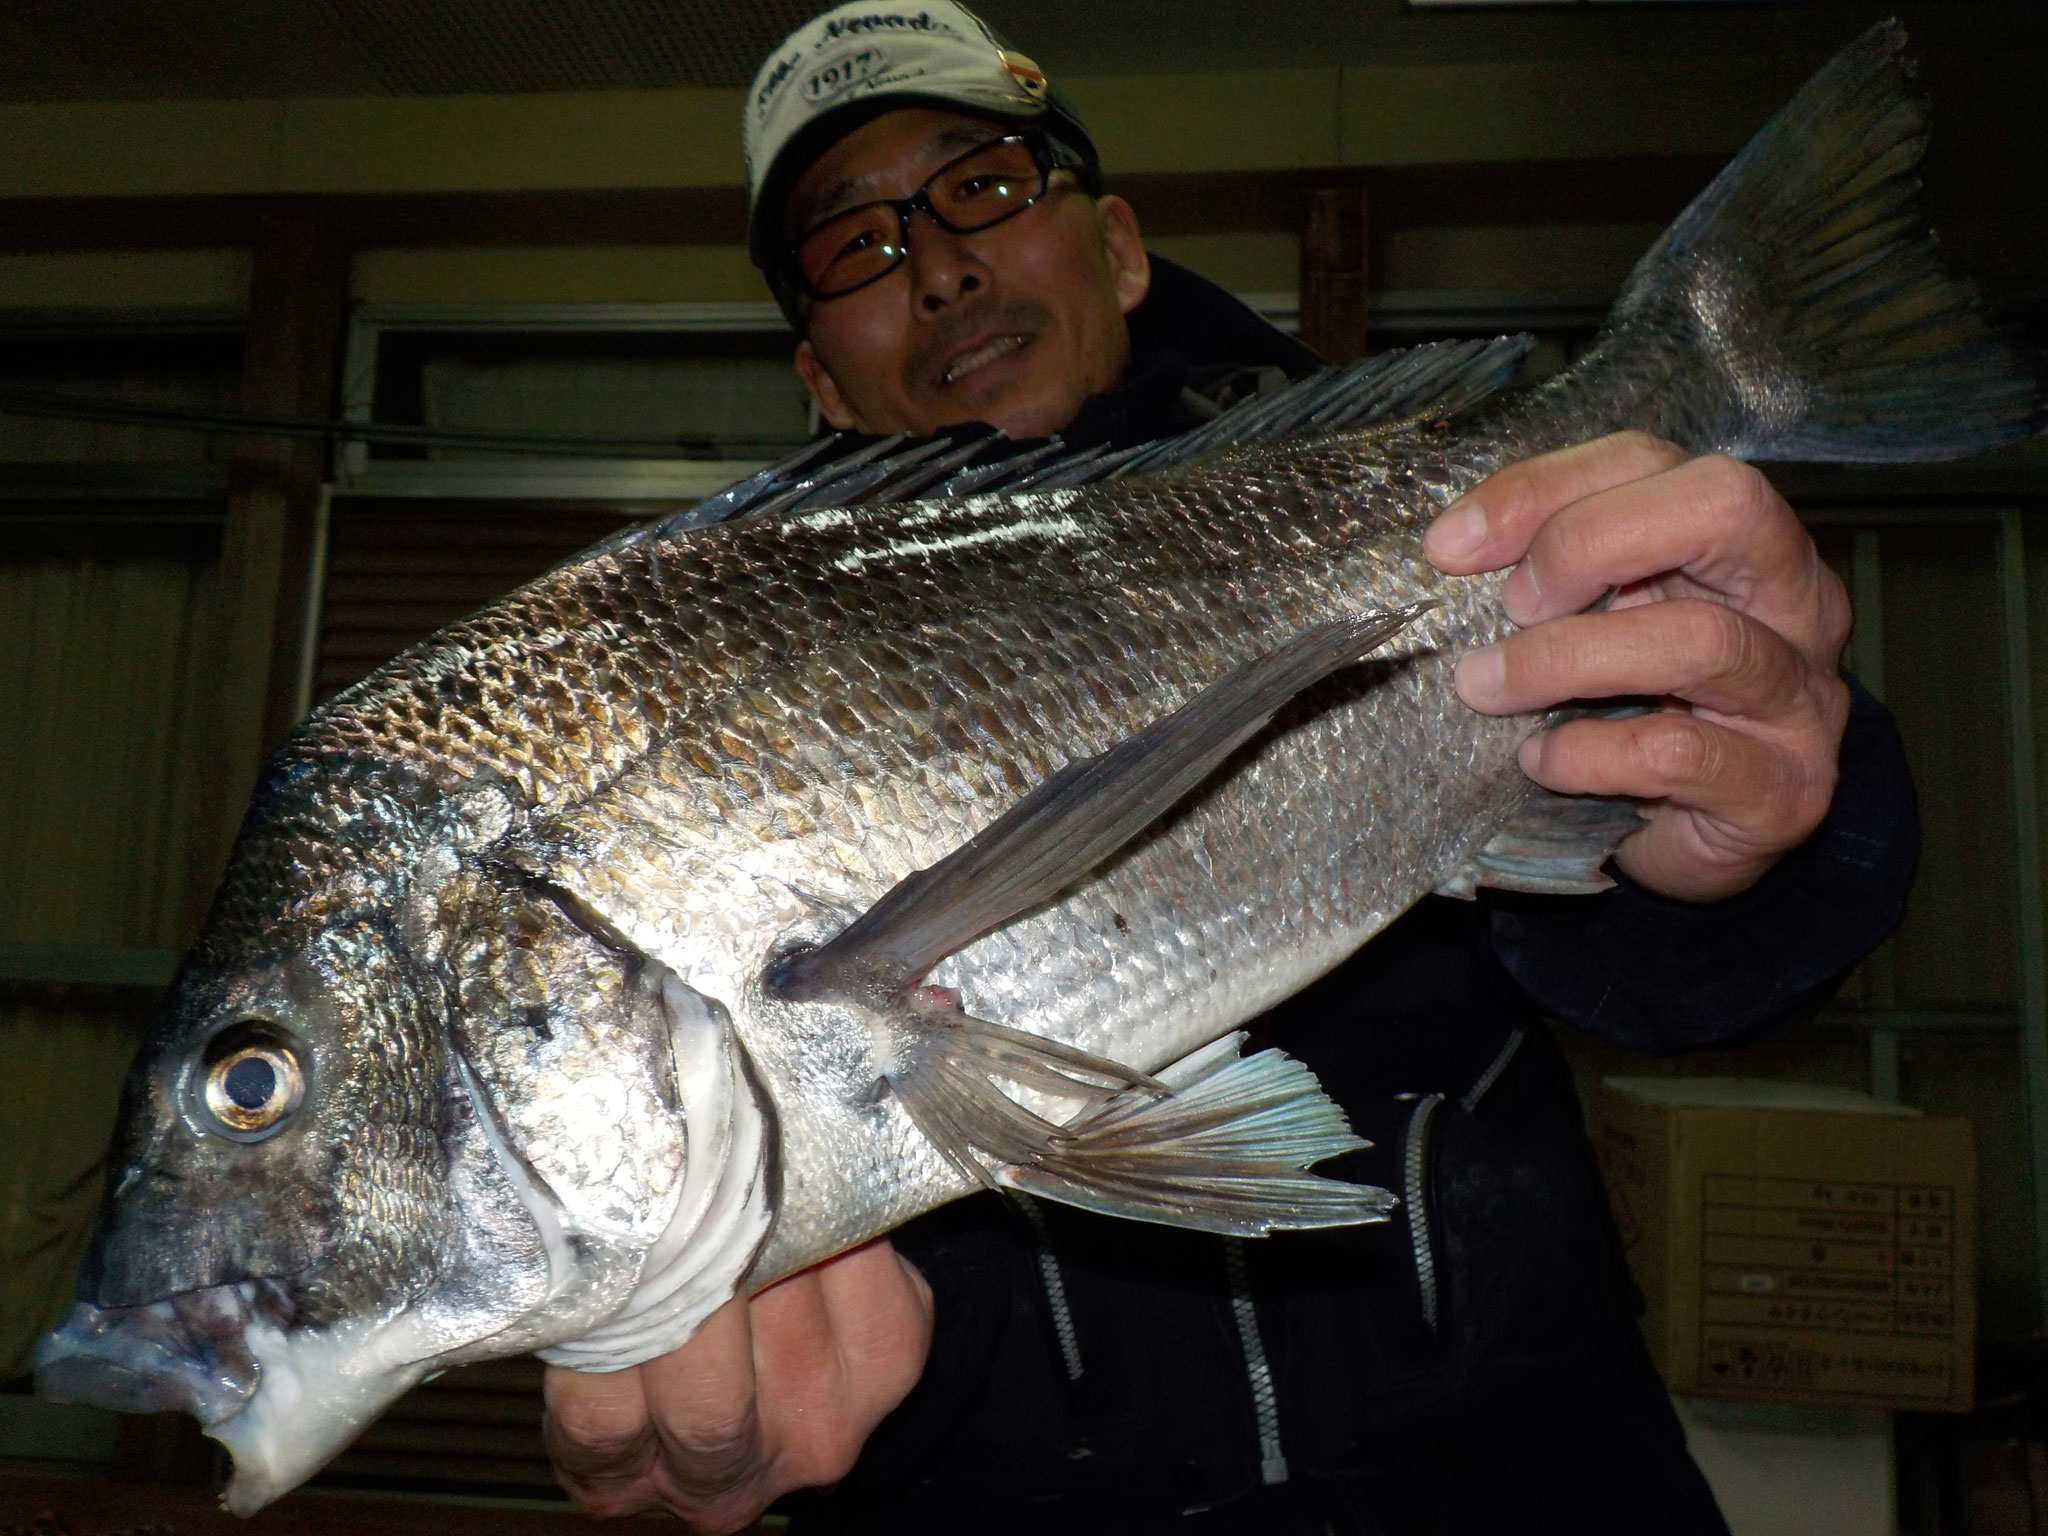 2月17日 ダゴチン釣りで宮崎さん ガバチン51.2㎝